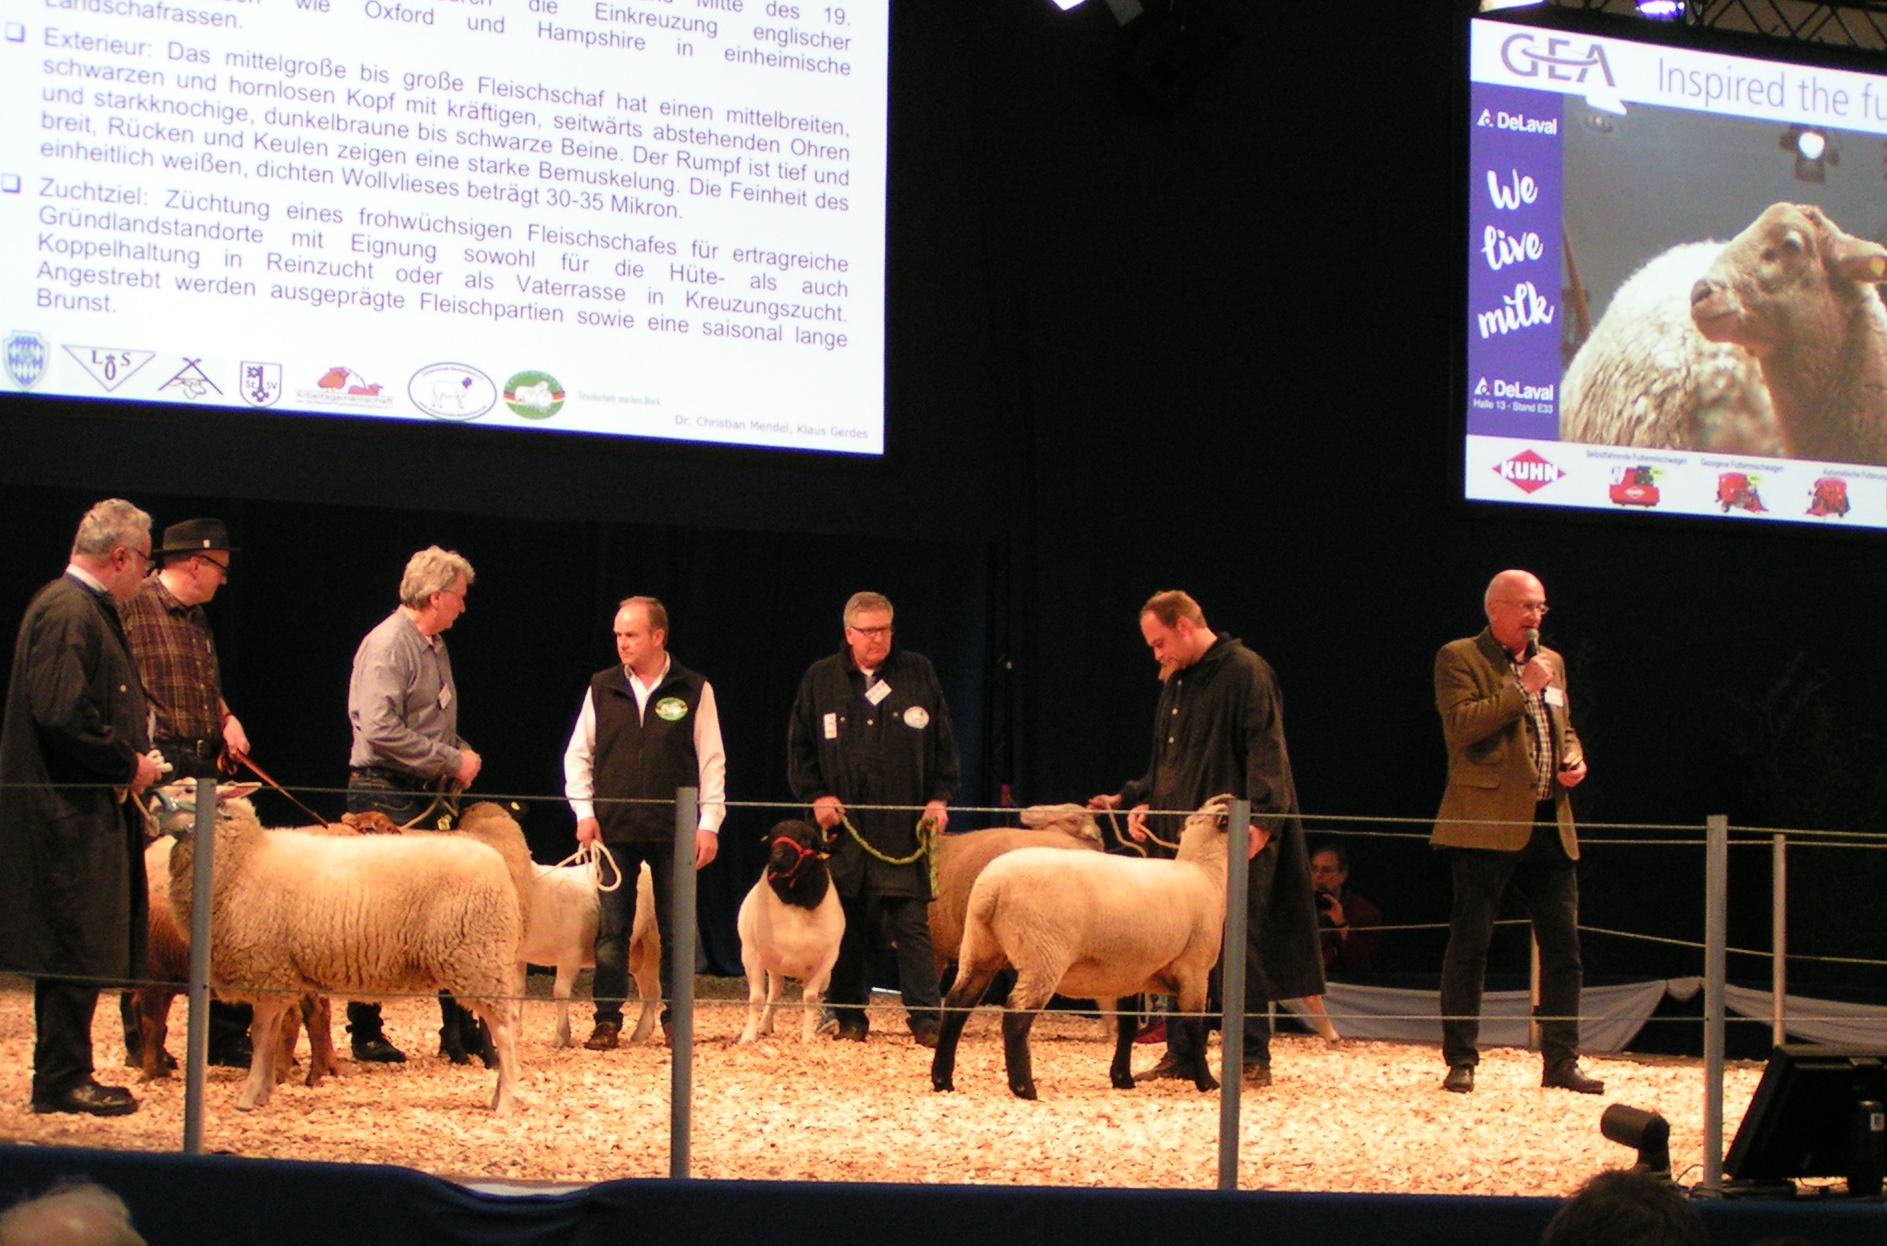 Schafzucht auf der EuroTier 2018